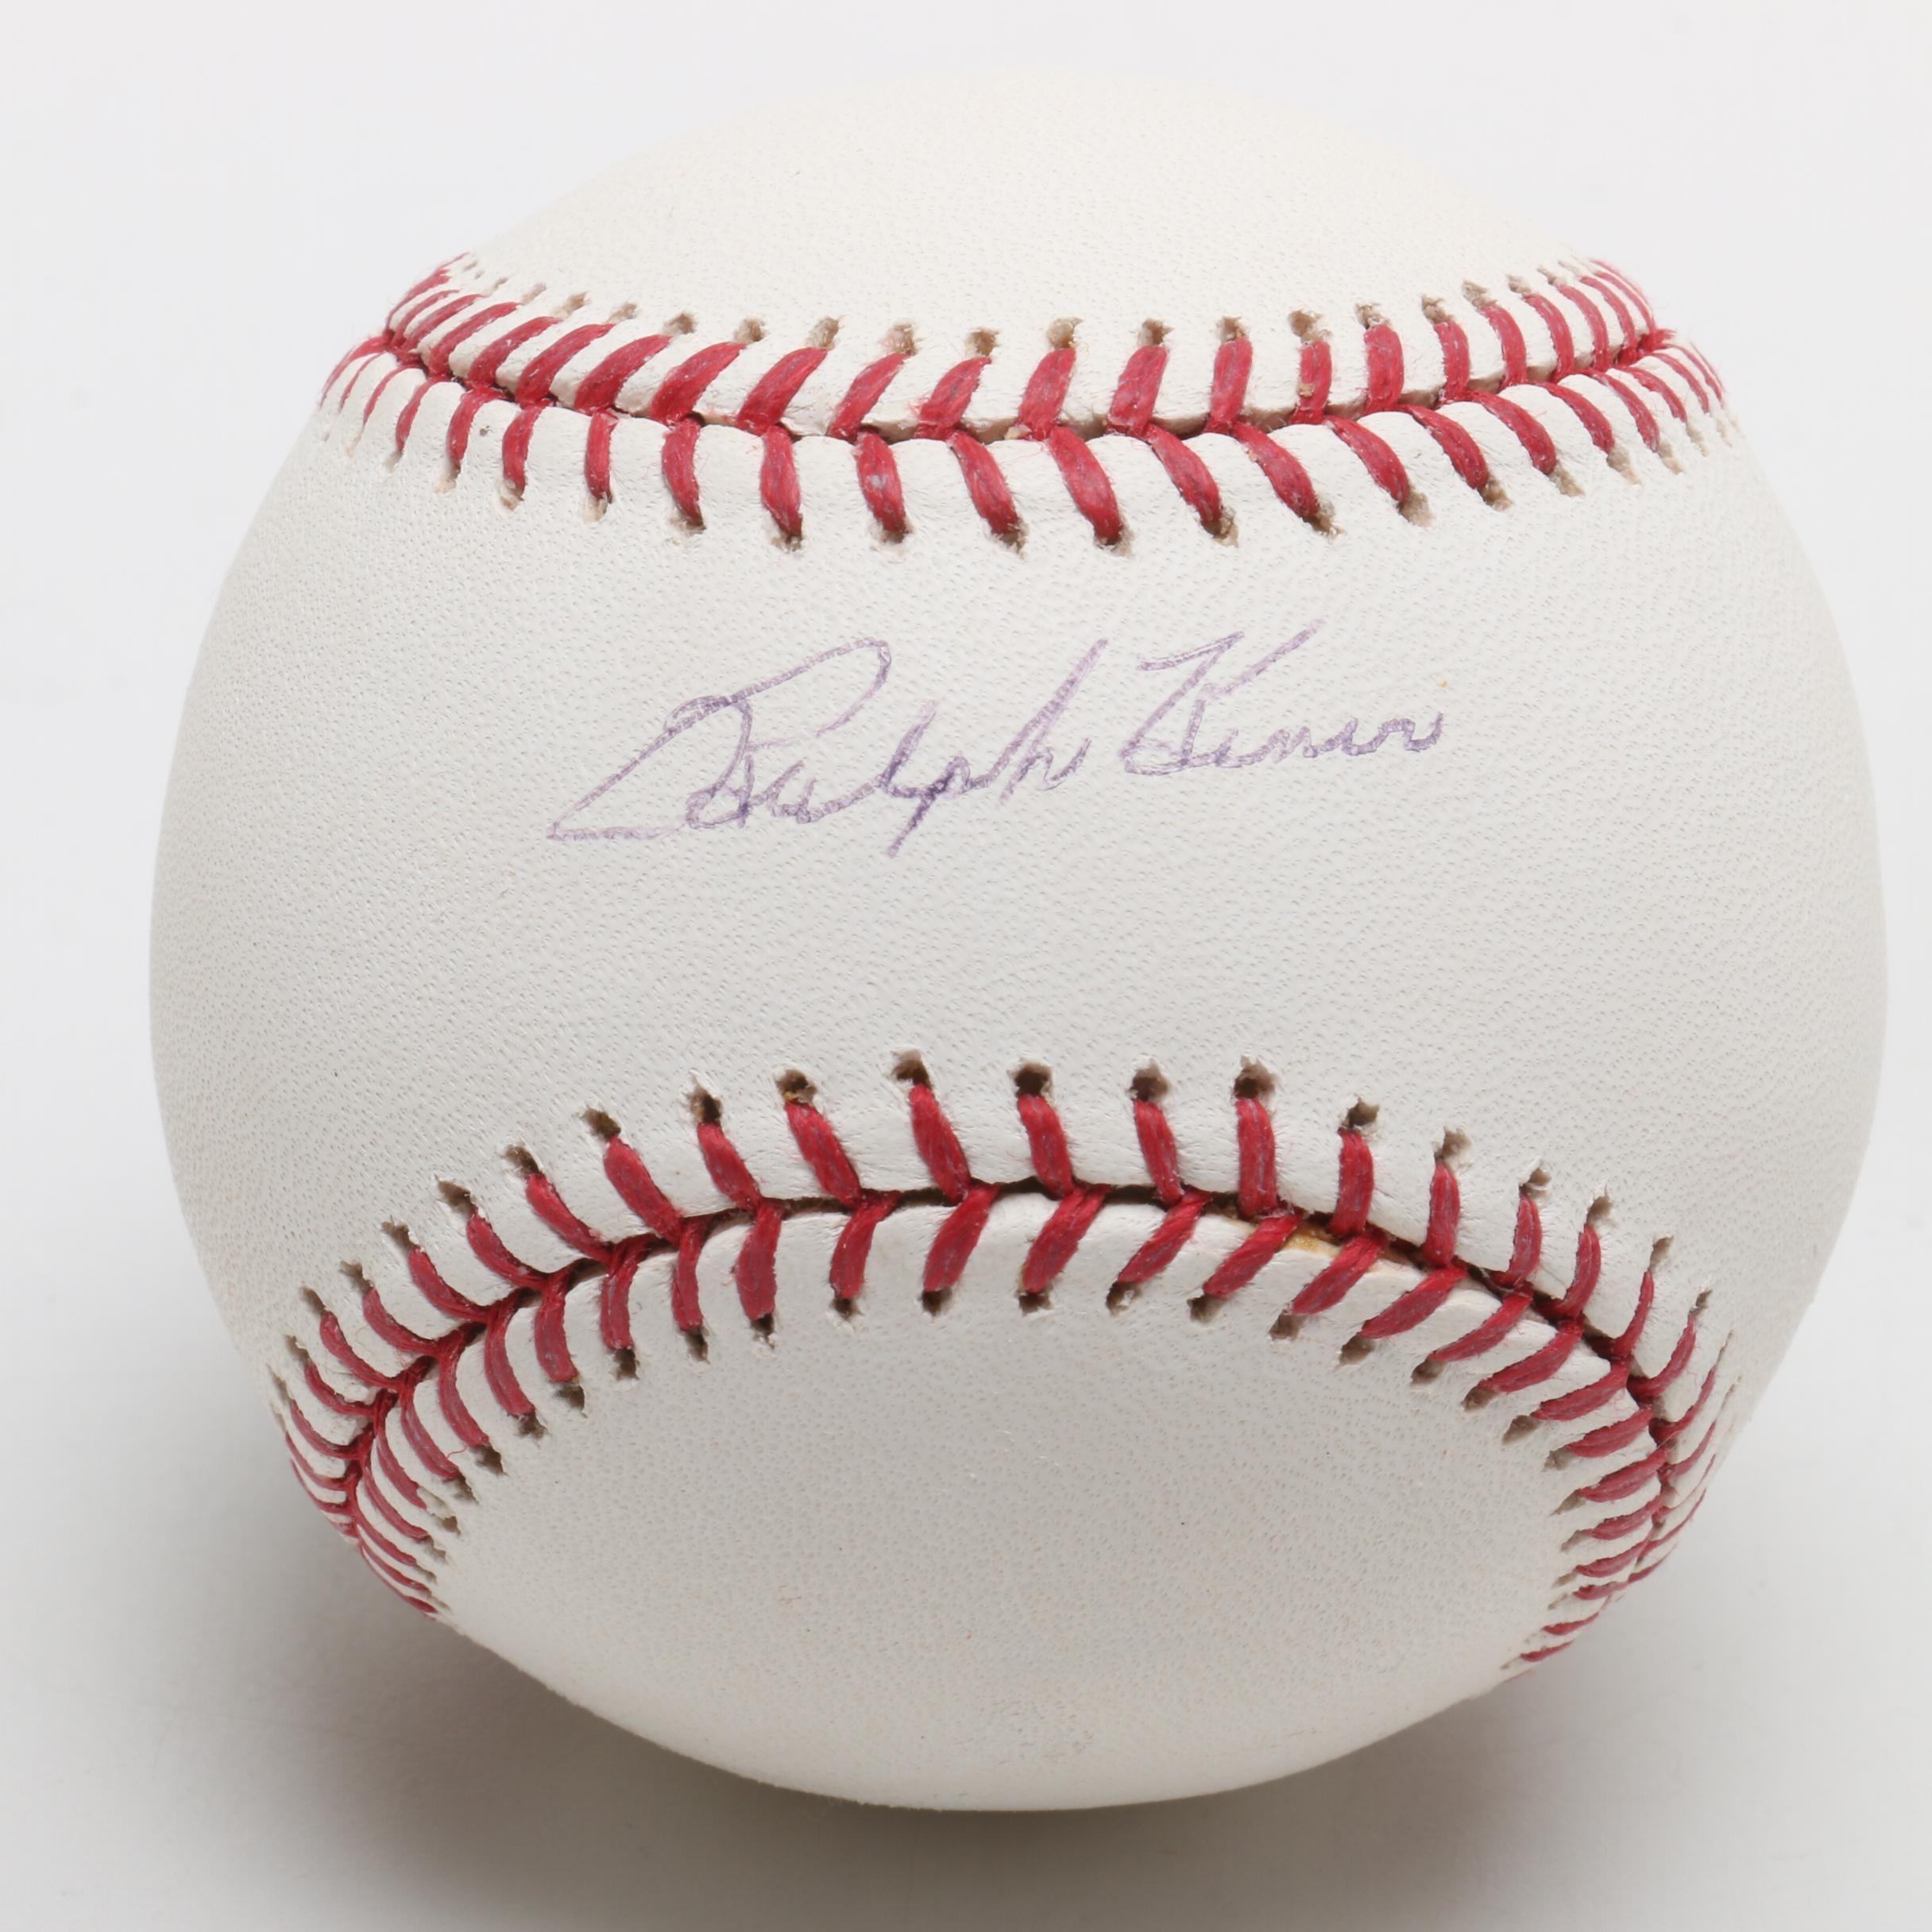 (HOF) Ralph Kiner Signed Rawlings Major League Baseball PSA/DNA COA